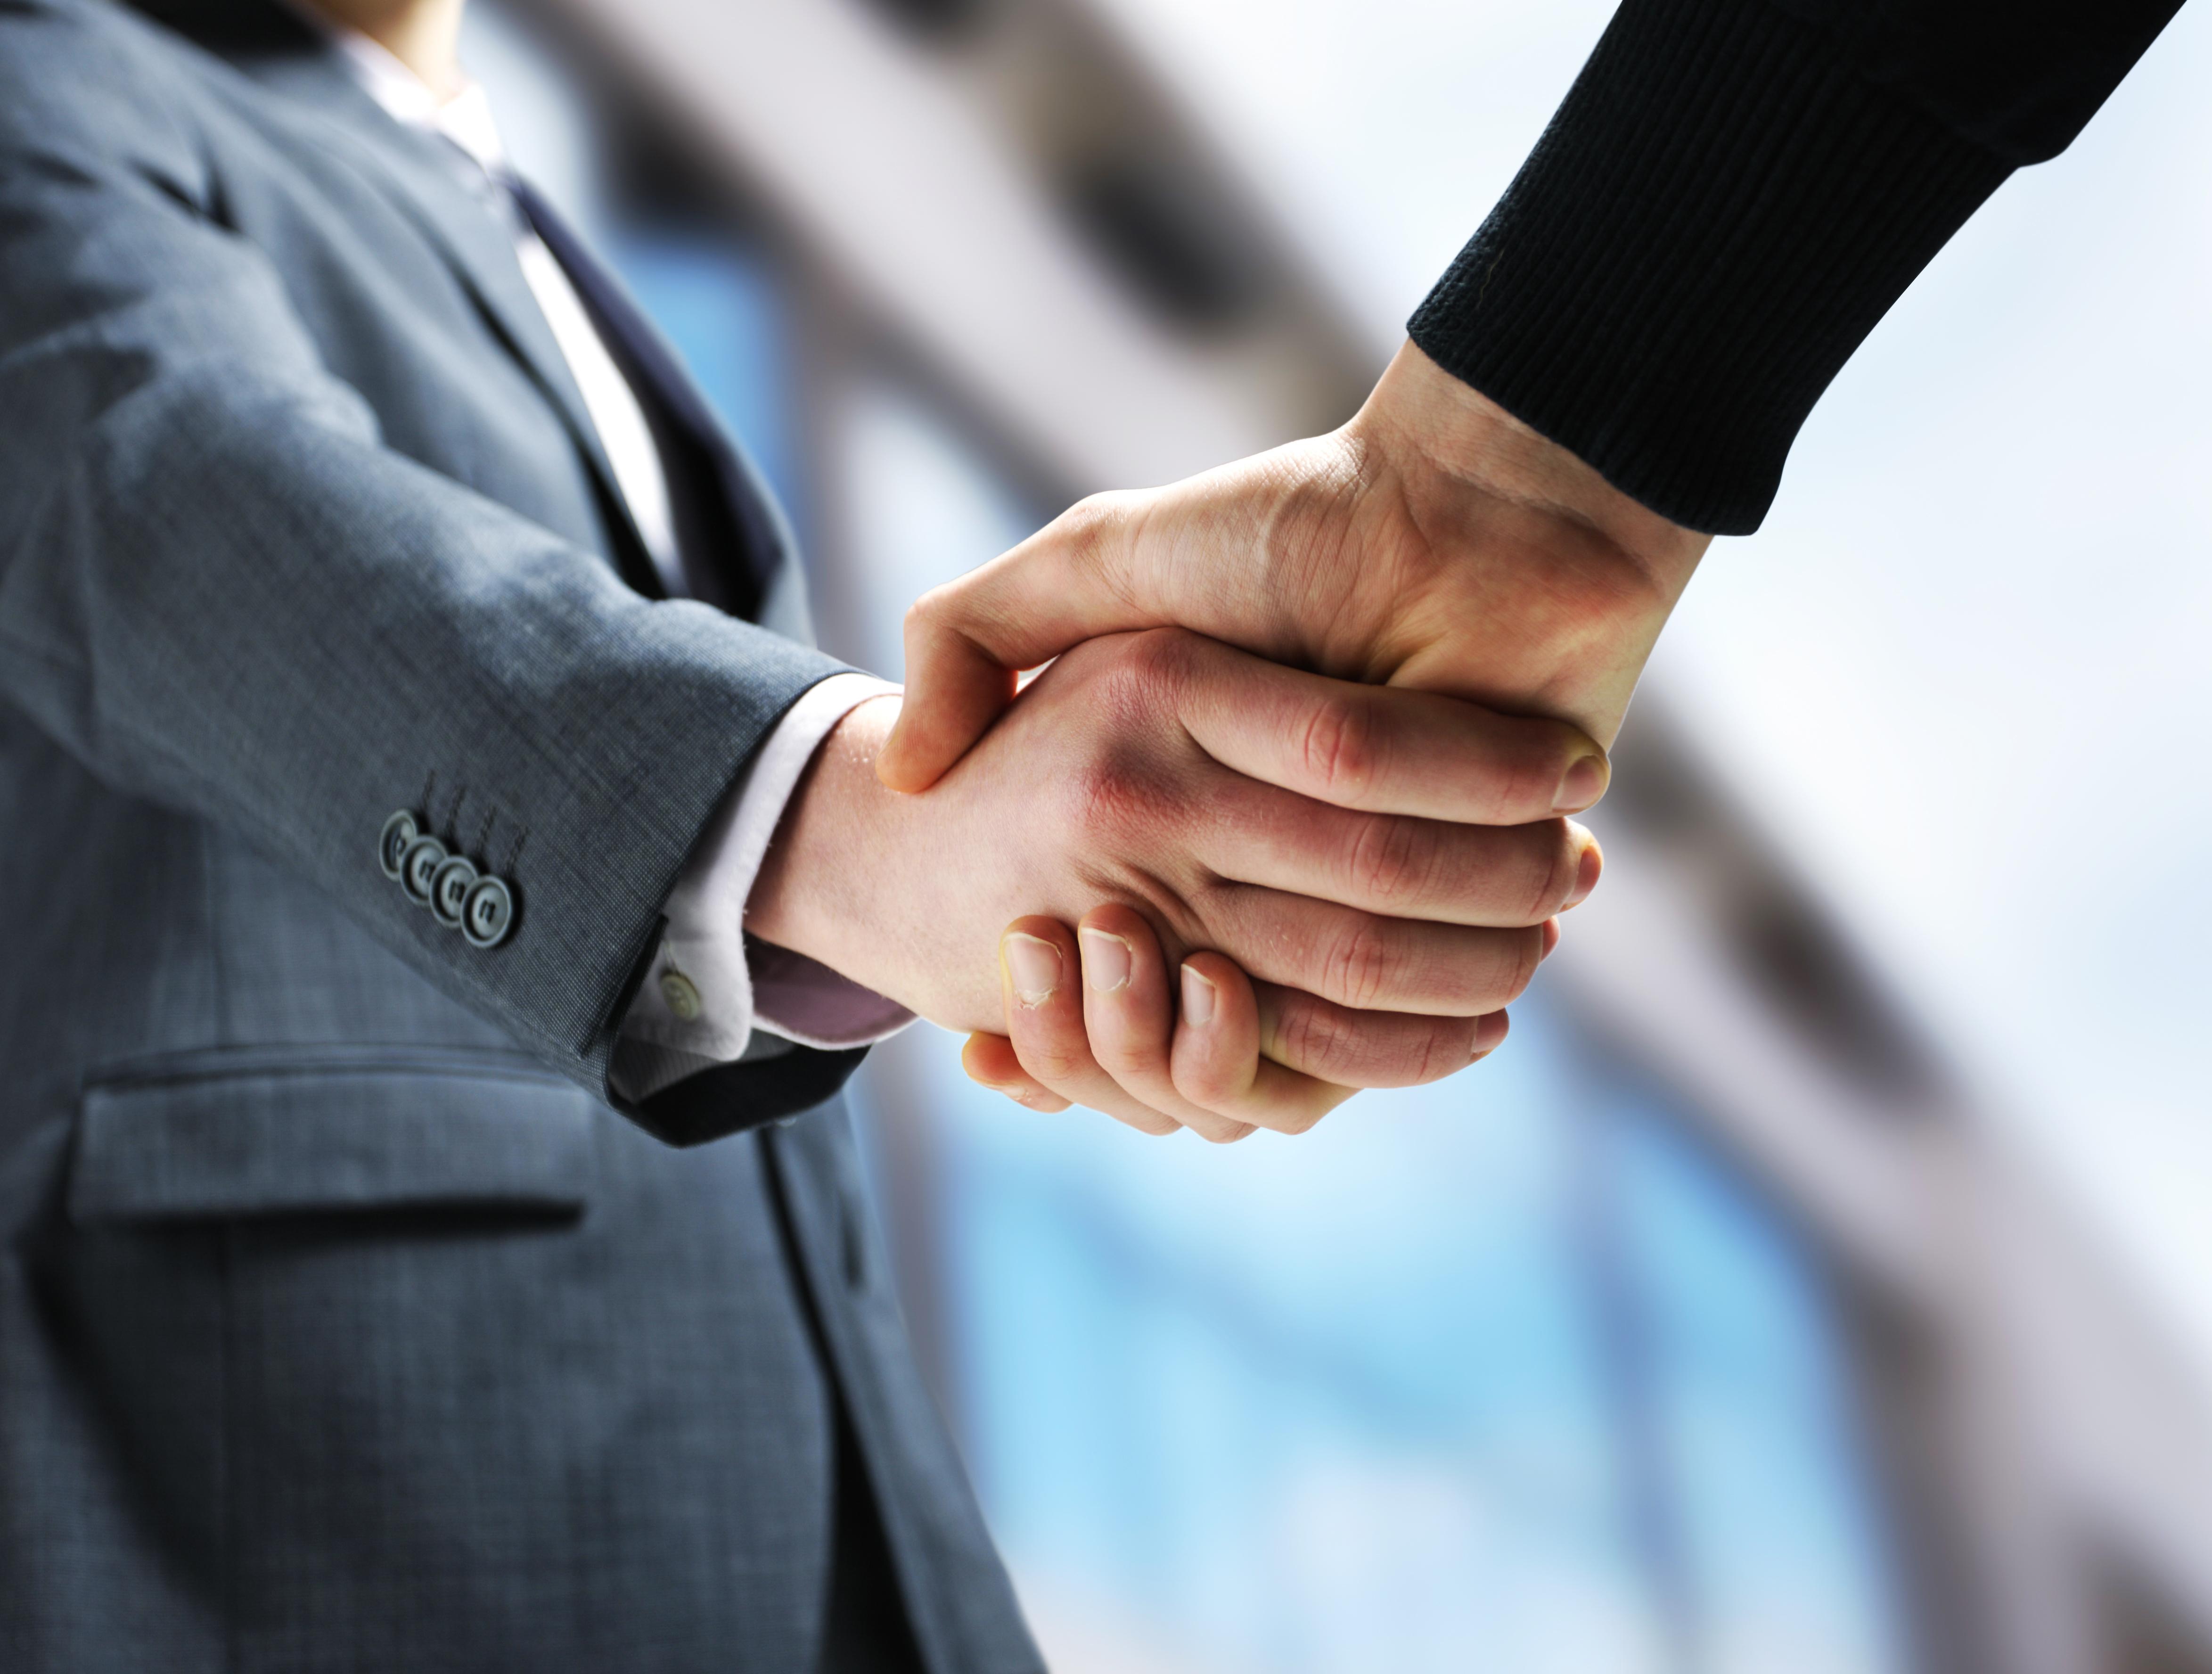 comptable, homme d'affaires, poignée de mains